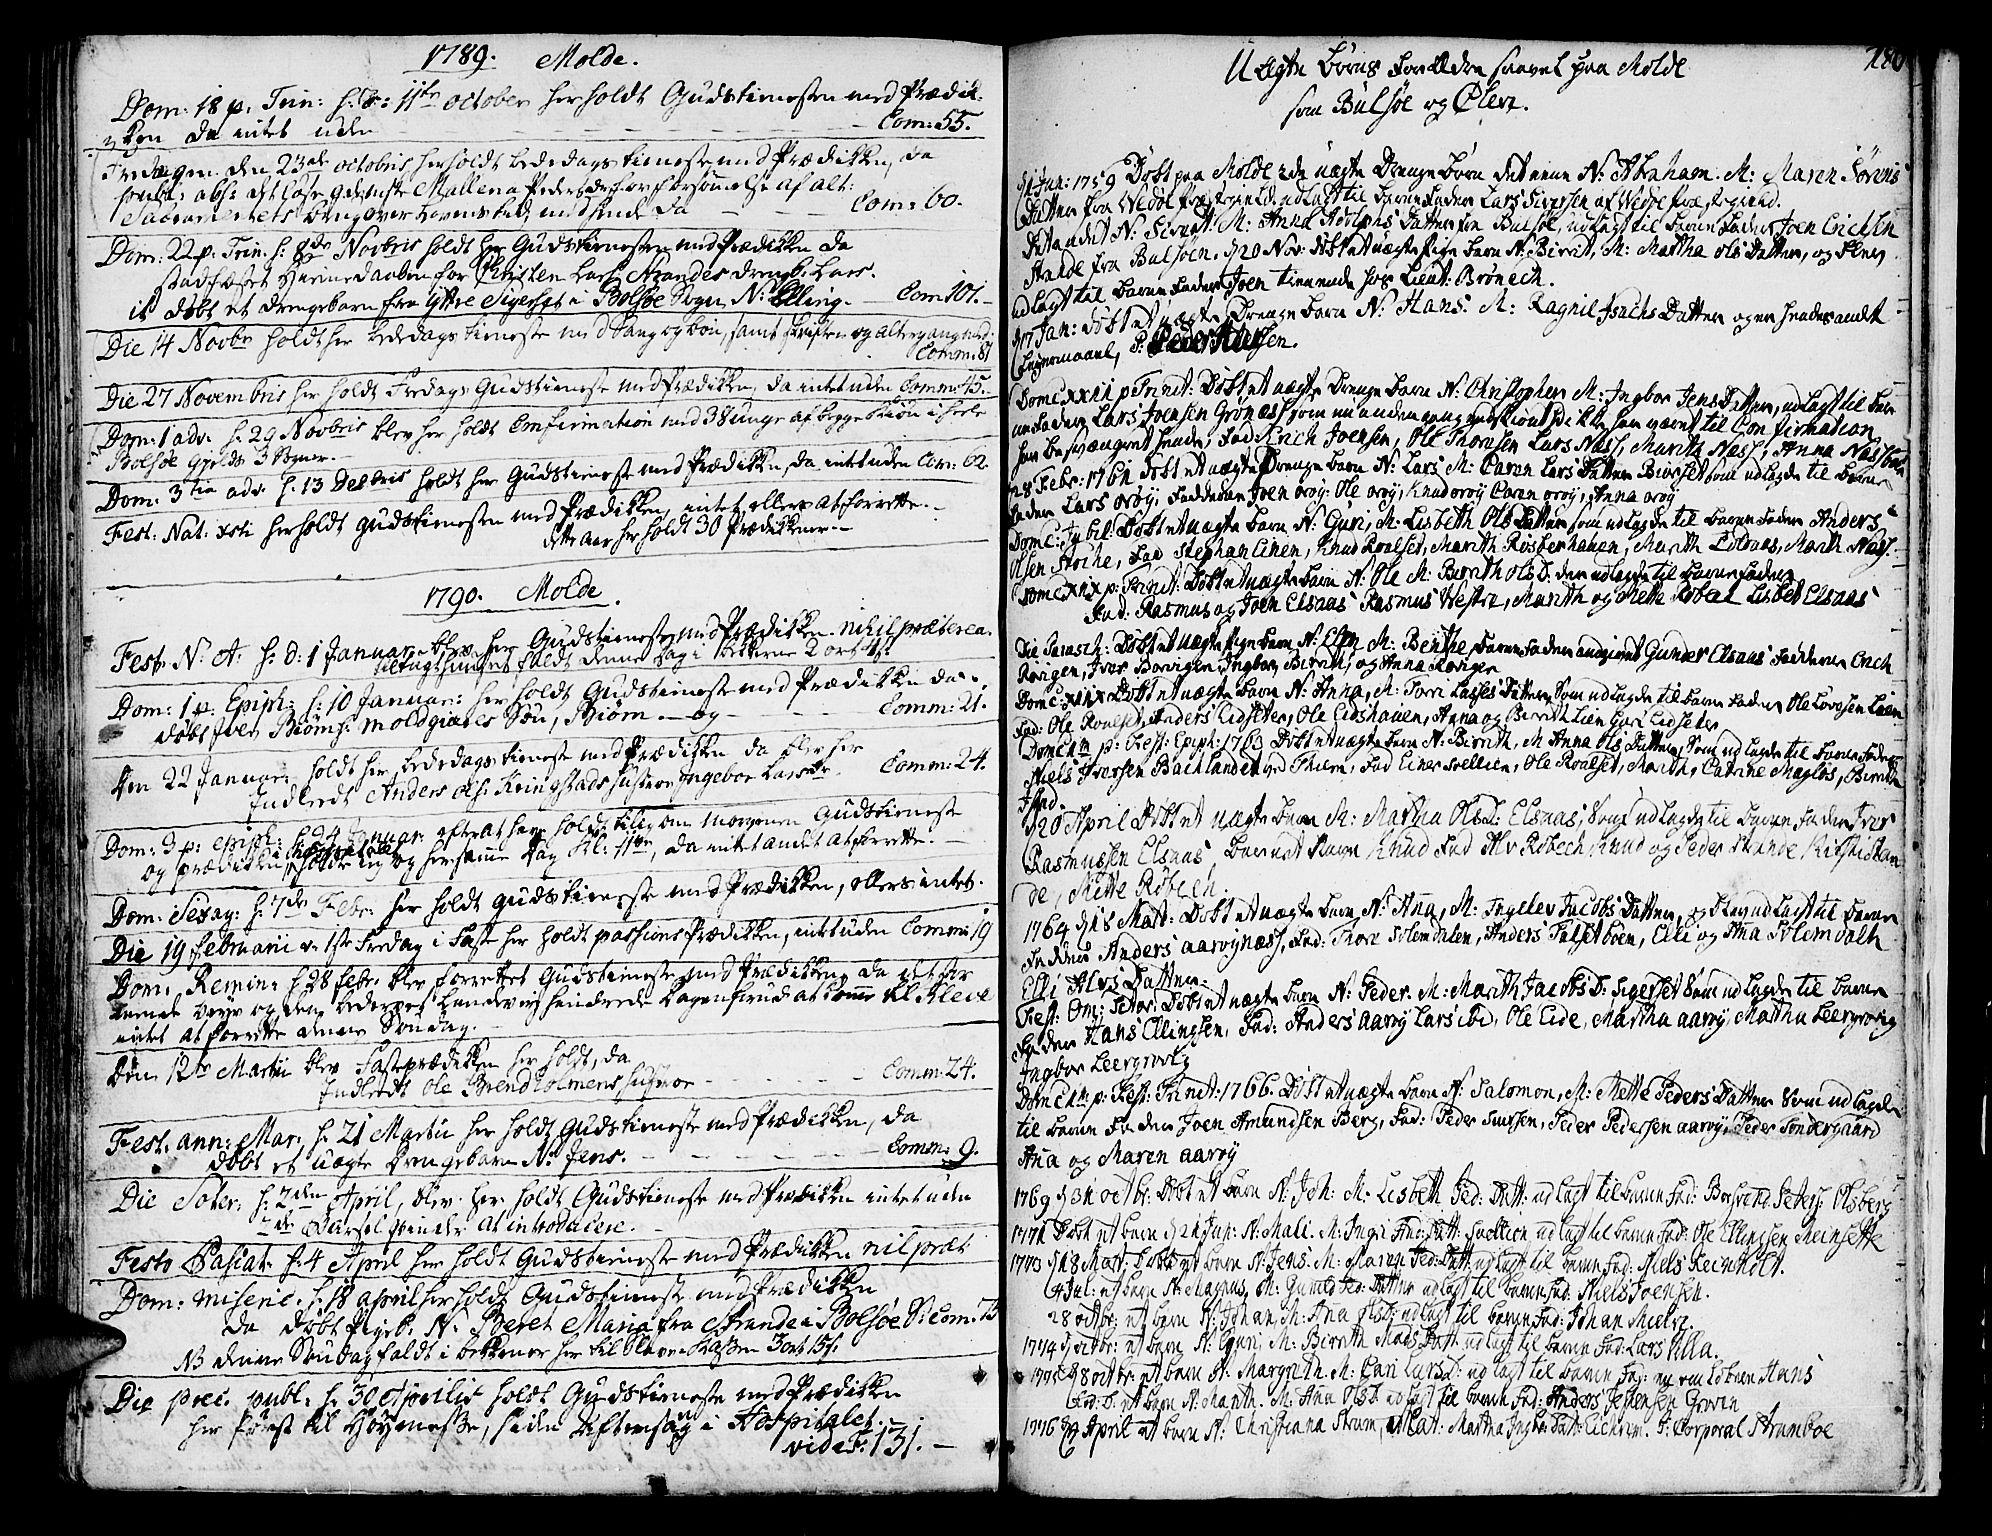 SAT, Ministerialprotokoller, klokkerbøker og fødselsregistre - Møre og Romsdal, 555/L0648: Ministerialbok nr. 555A01, 1759-1793, s. 180